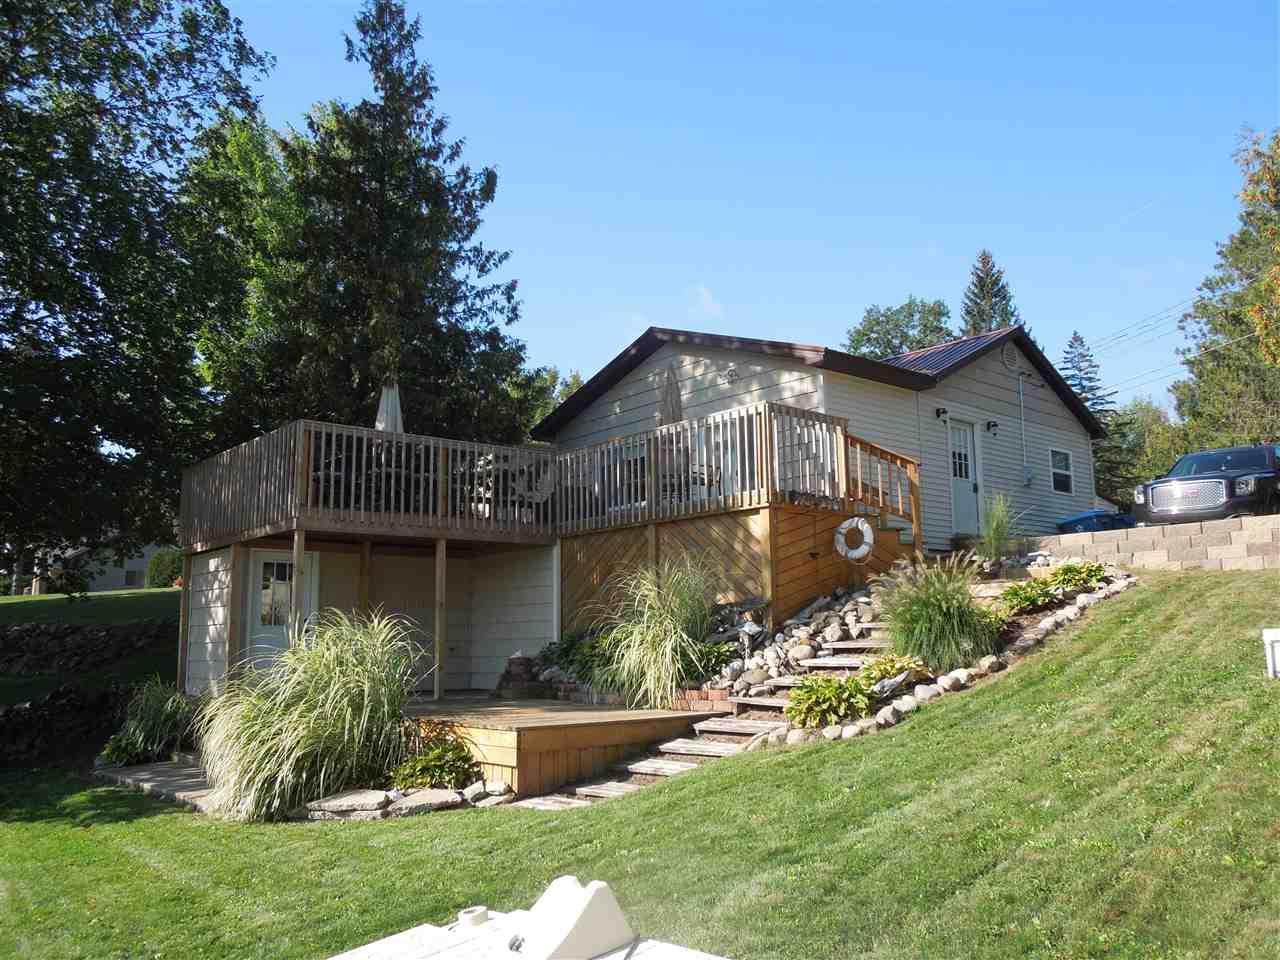 3627 Lakeview dr, Beaverton, MI